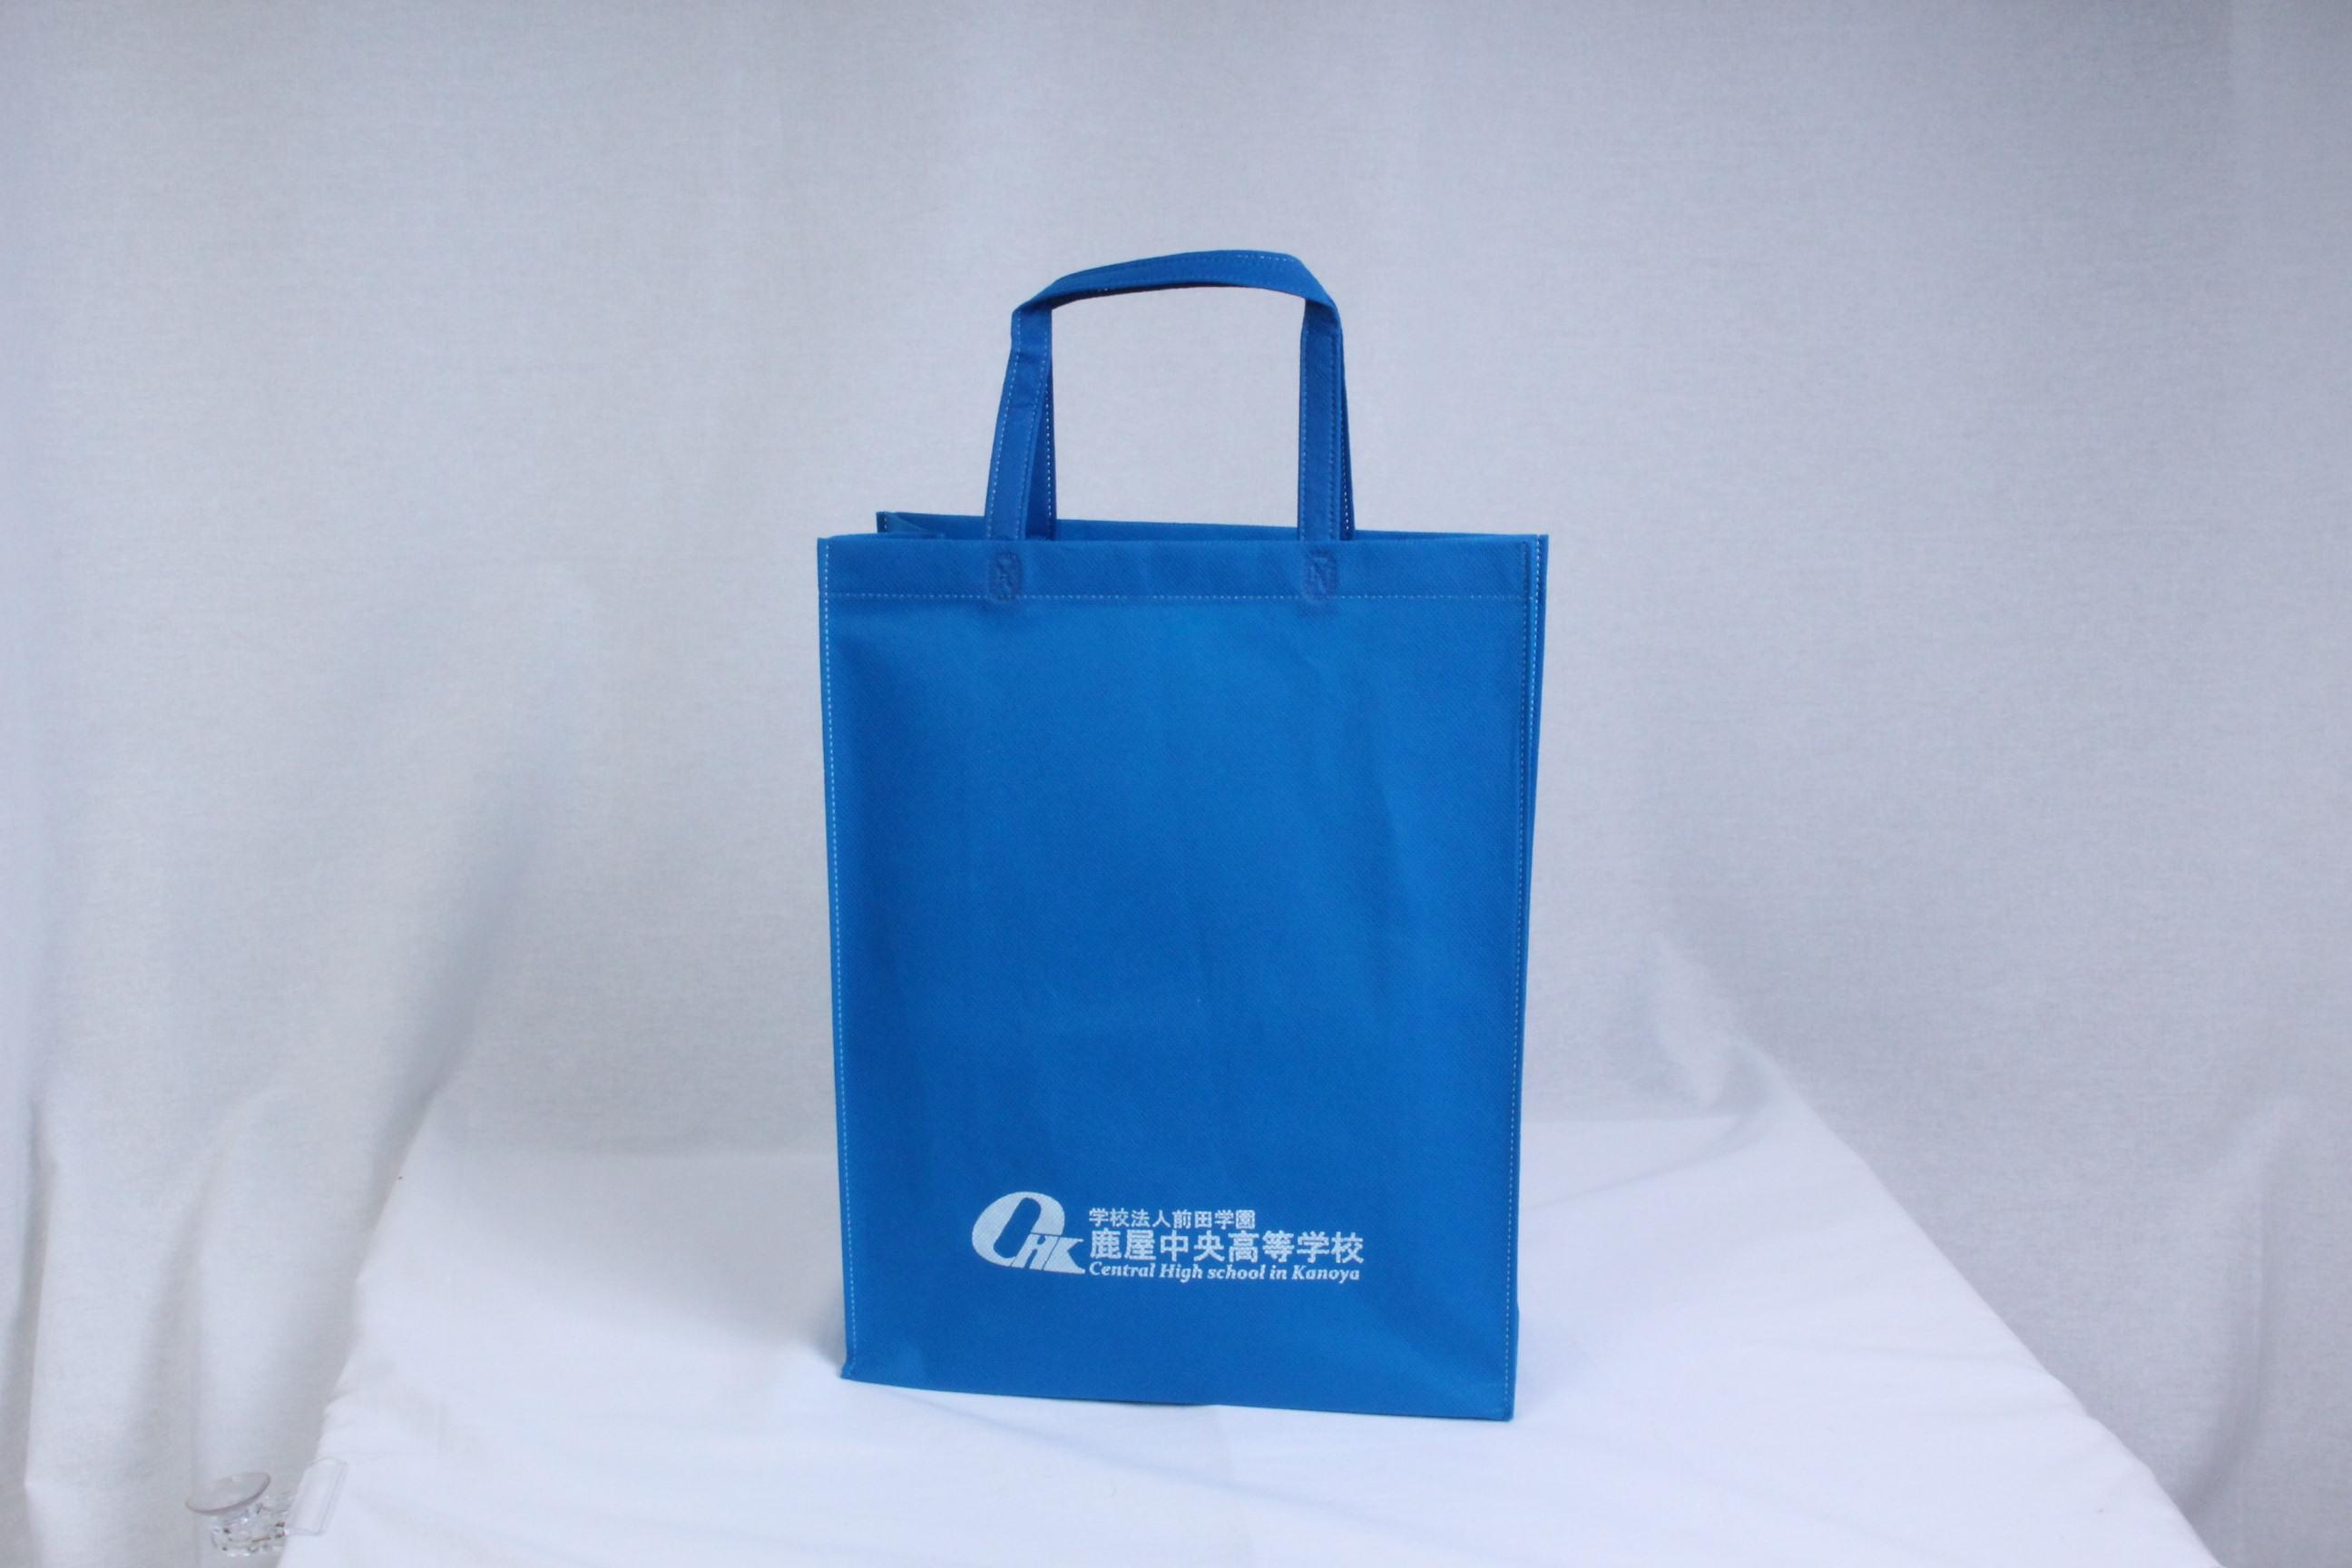 鹿児島県の高校さまオリジナル不織布バッグ